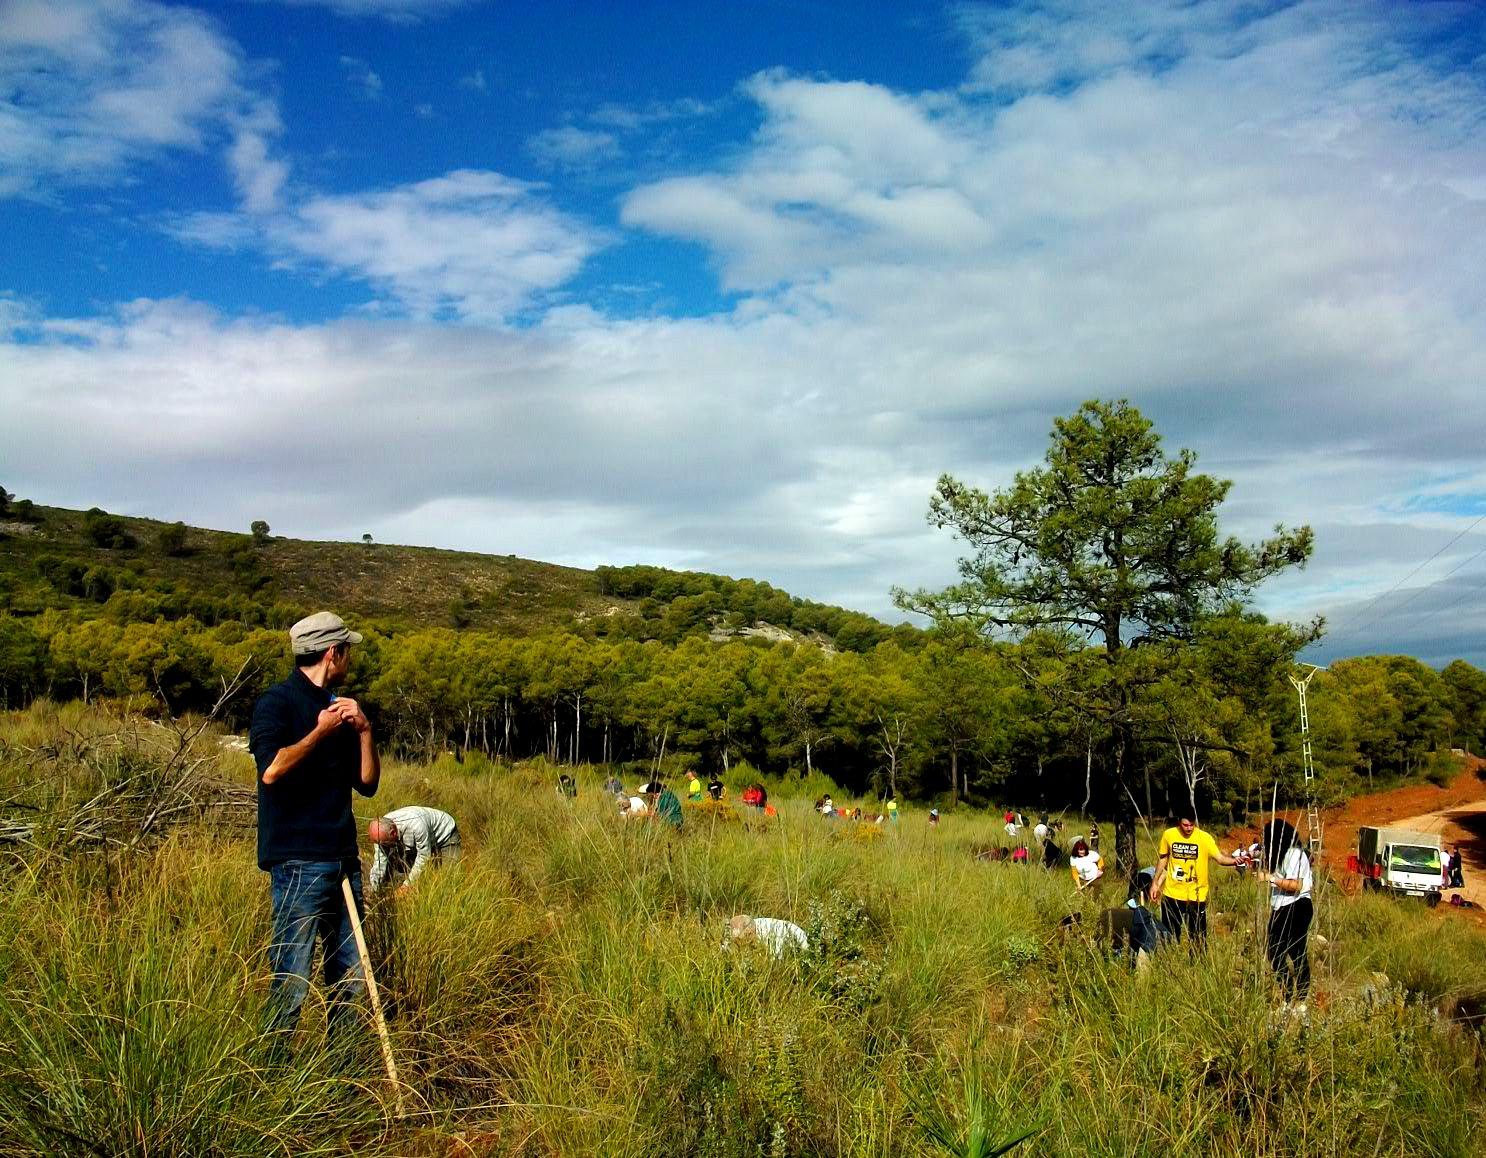 Planting Landscape View